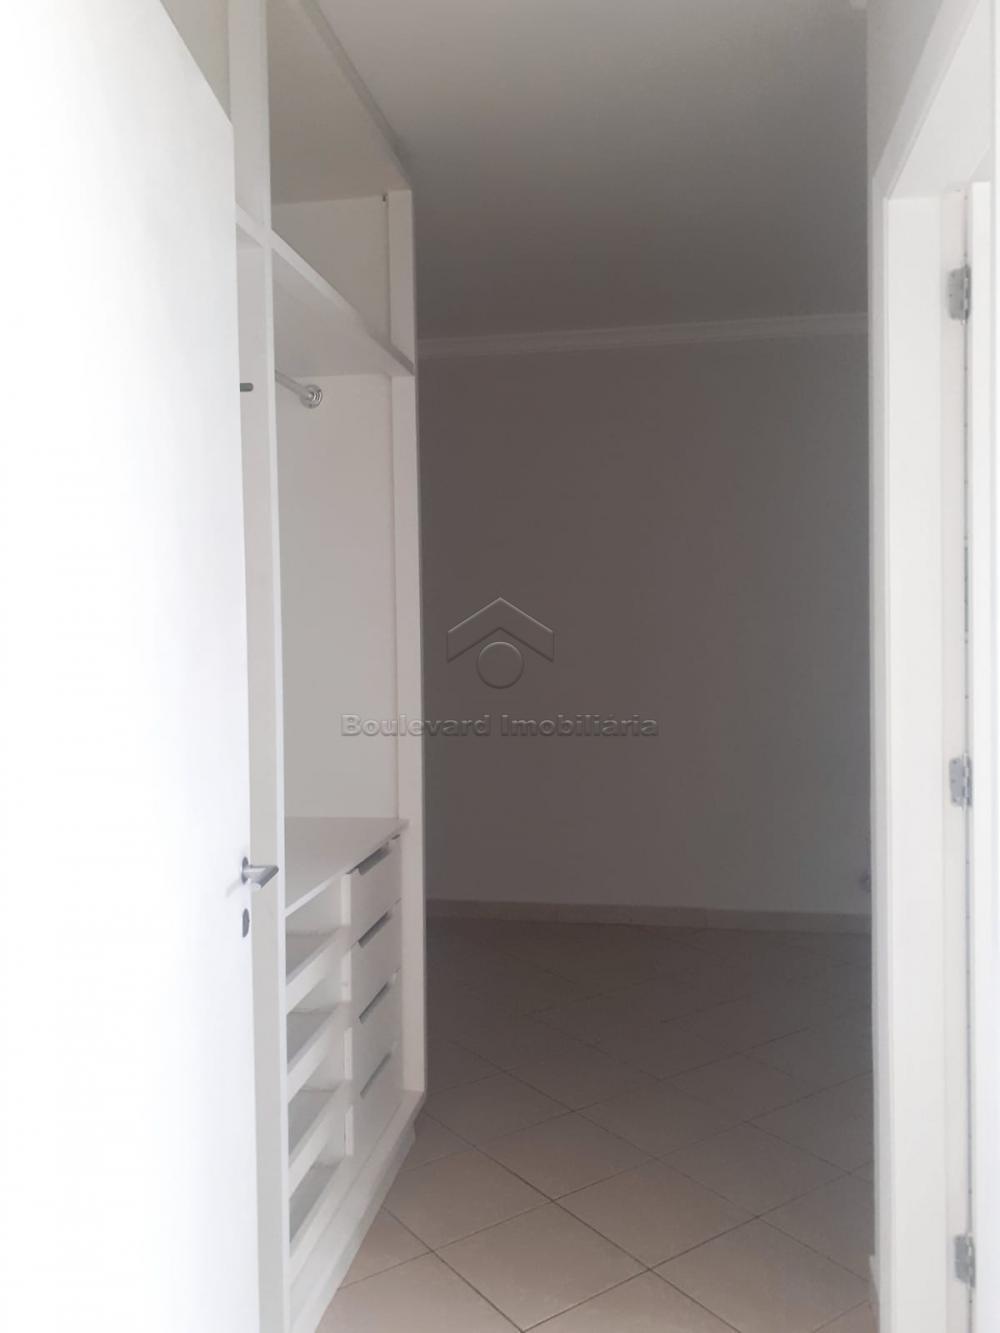 Alugar Apartamento / Padrão em Ribeirão Preto R$ 680,00 - Foto 4